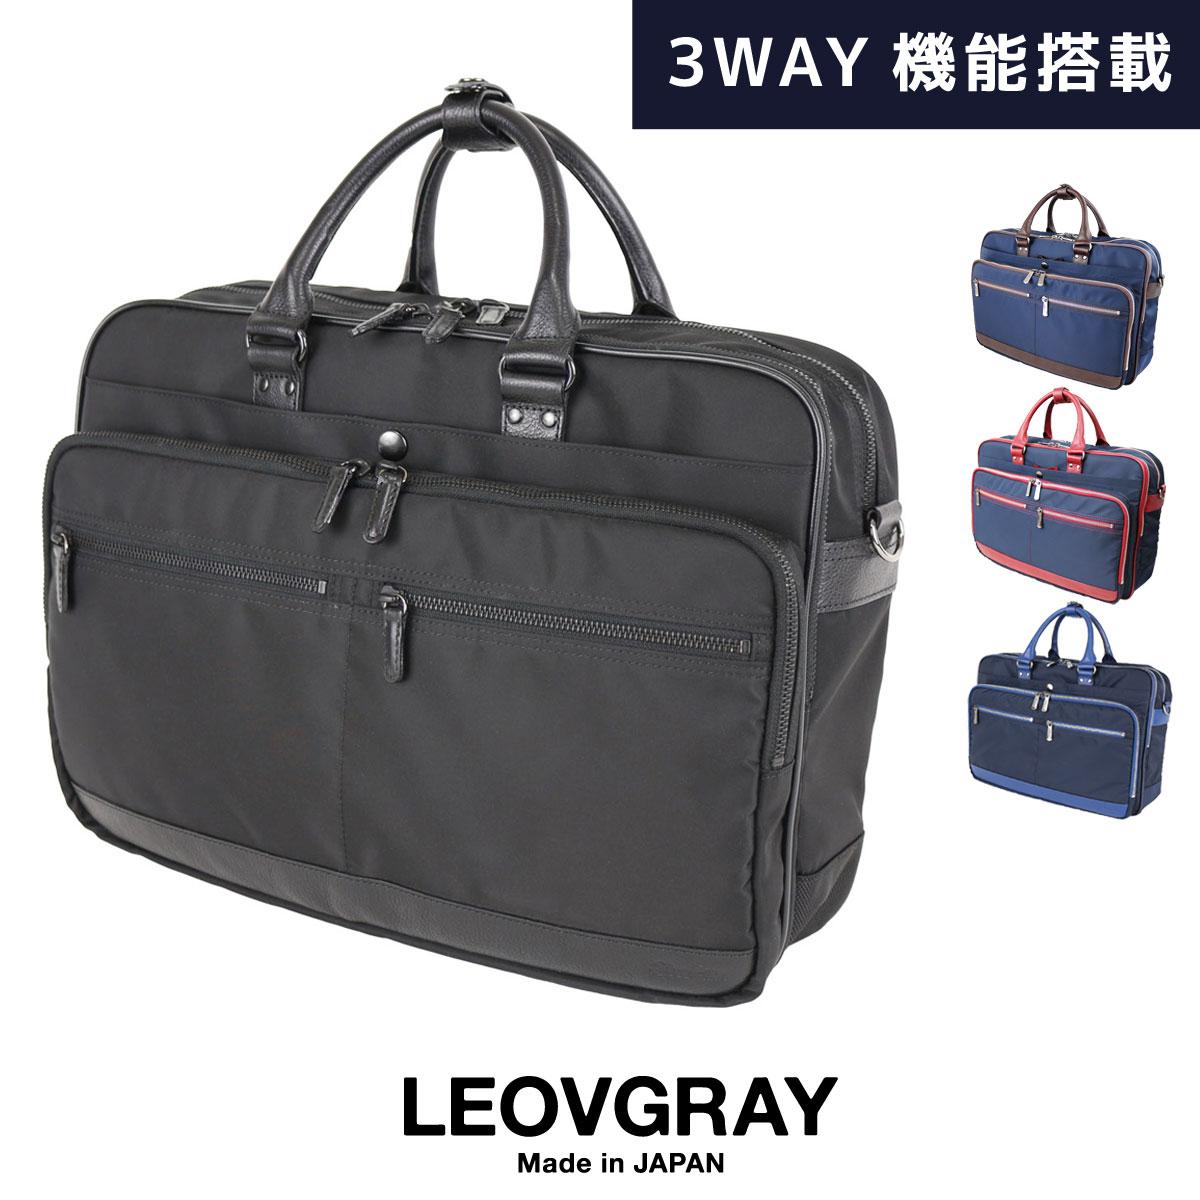 ビジネスバッグ LEOVGRAY(レオビグレイ)メイドインジャパン 新型/日本製×本革 3WAYセットアップブリーフ【LG-13】